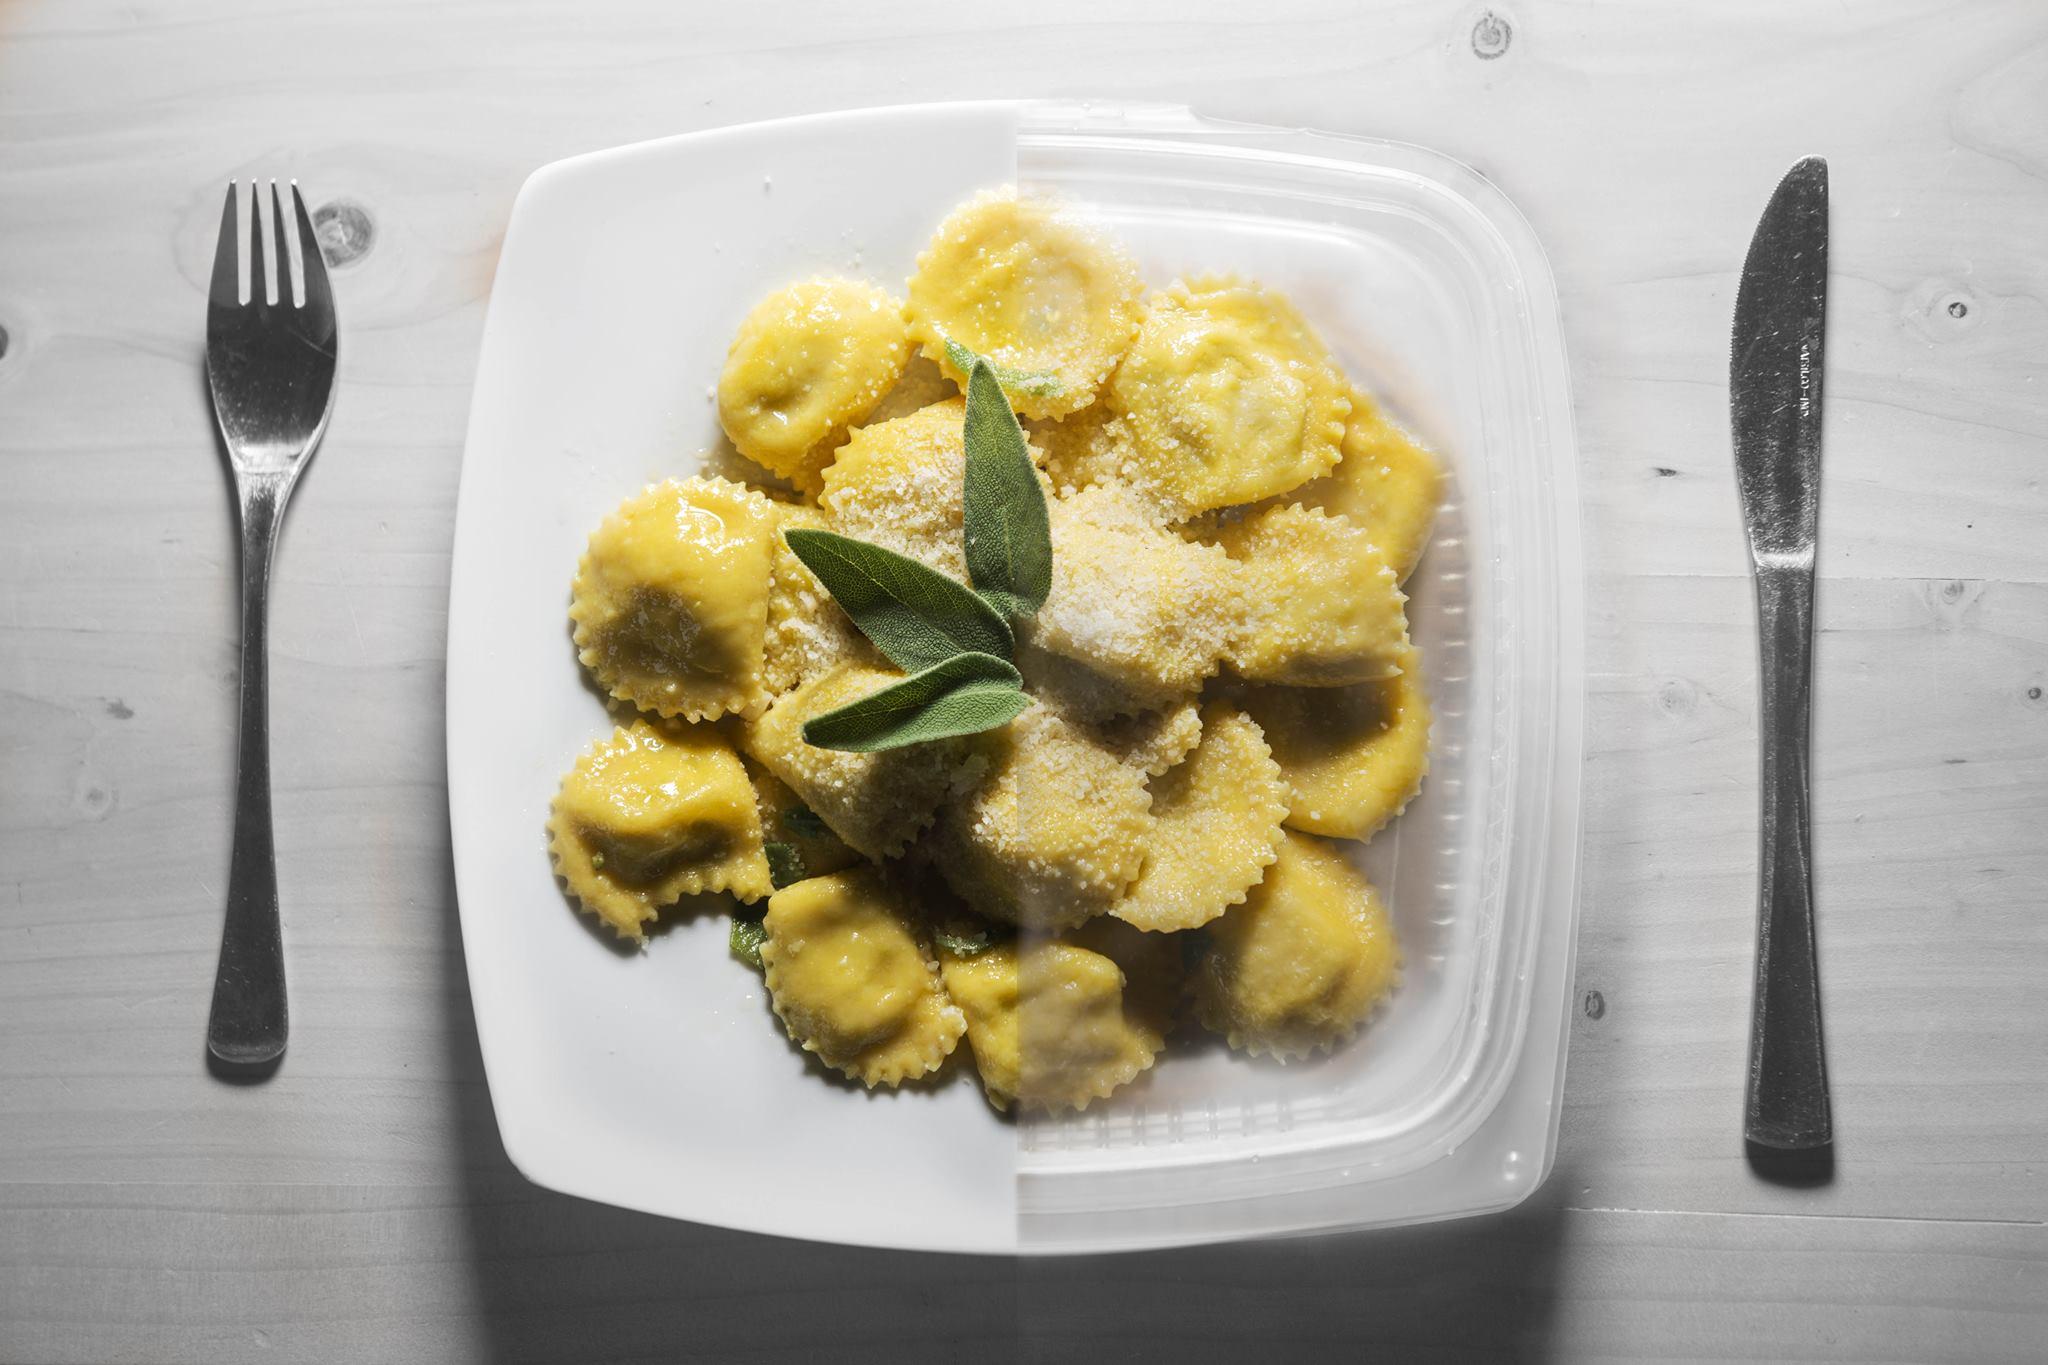 Foto di Daniele Zappi RistoriAMO a Ferrara contro lo spreco del cibo